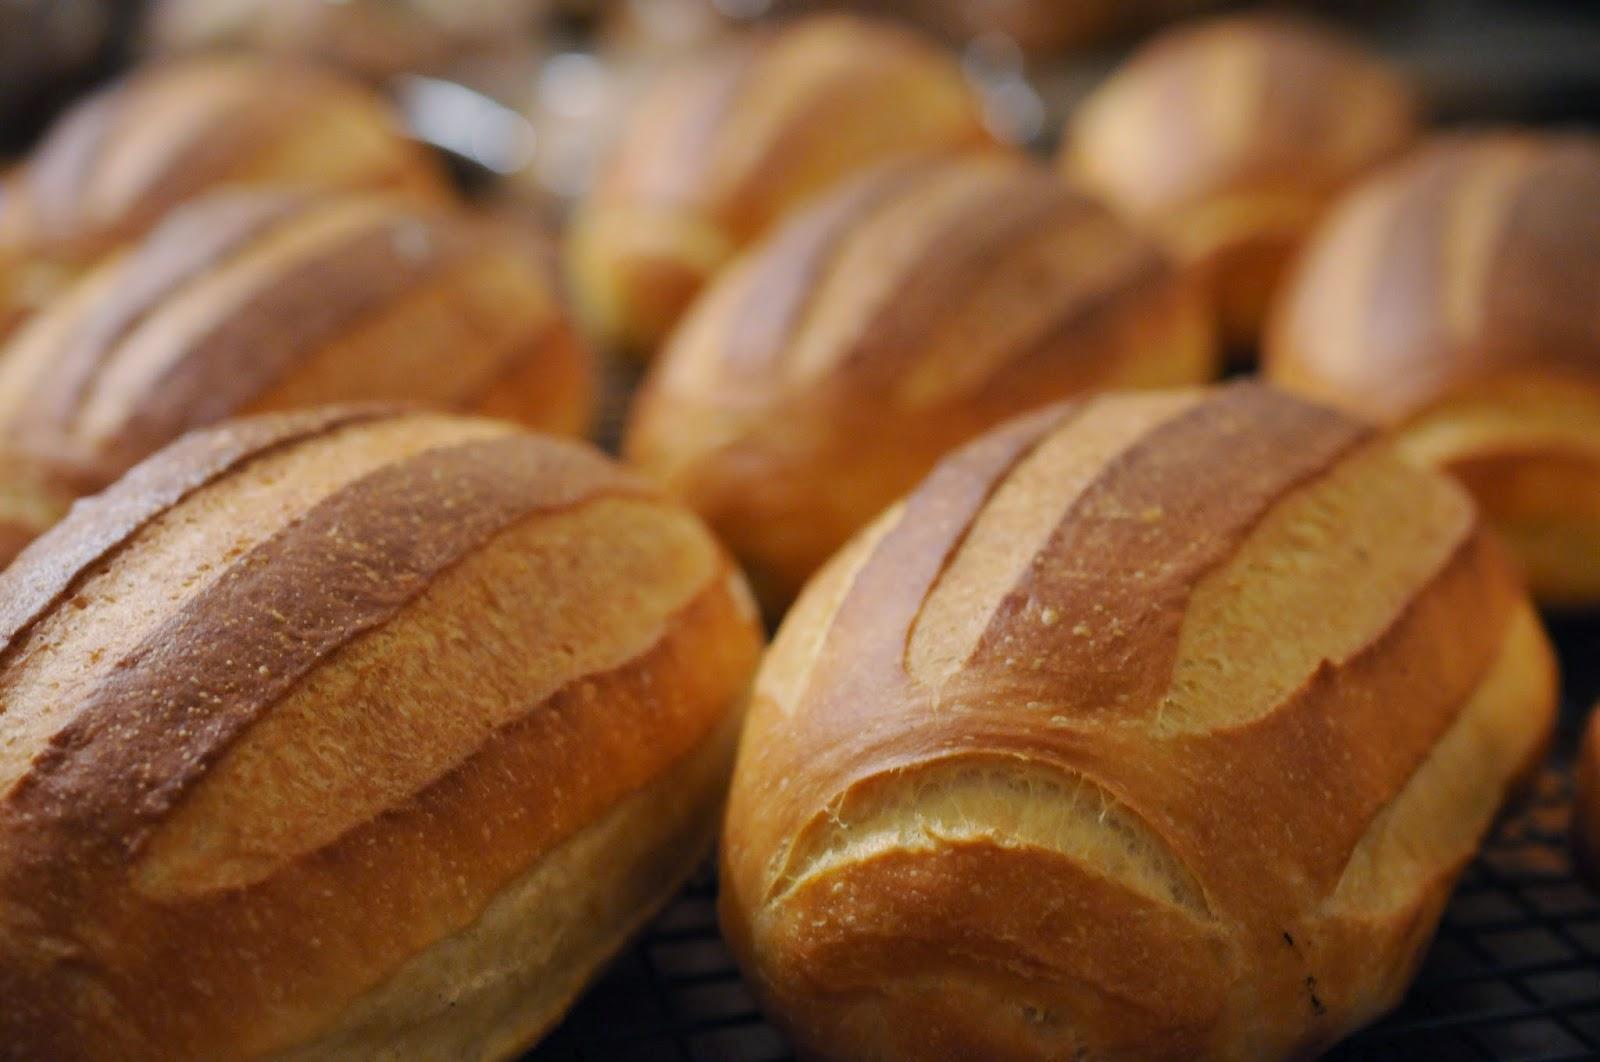 麵包教我的事: 牛奶哈斯